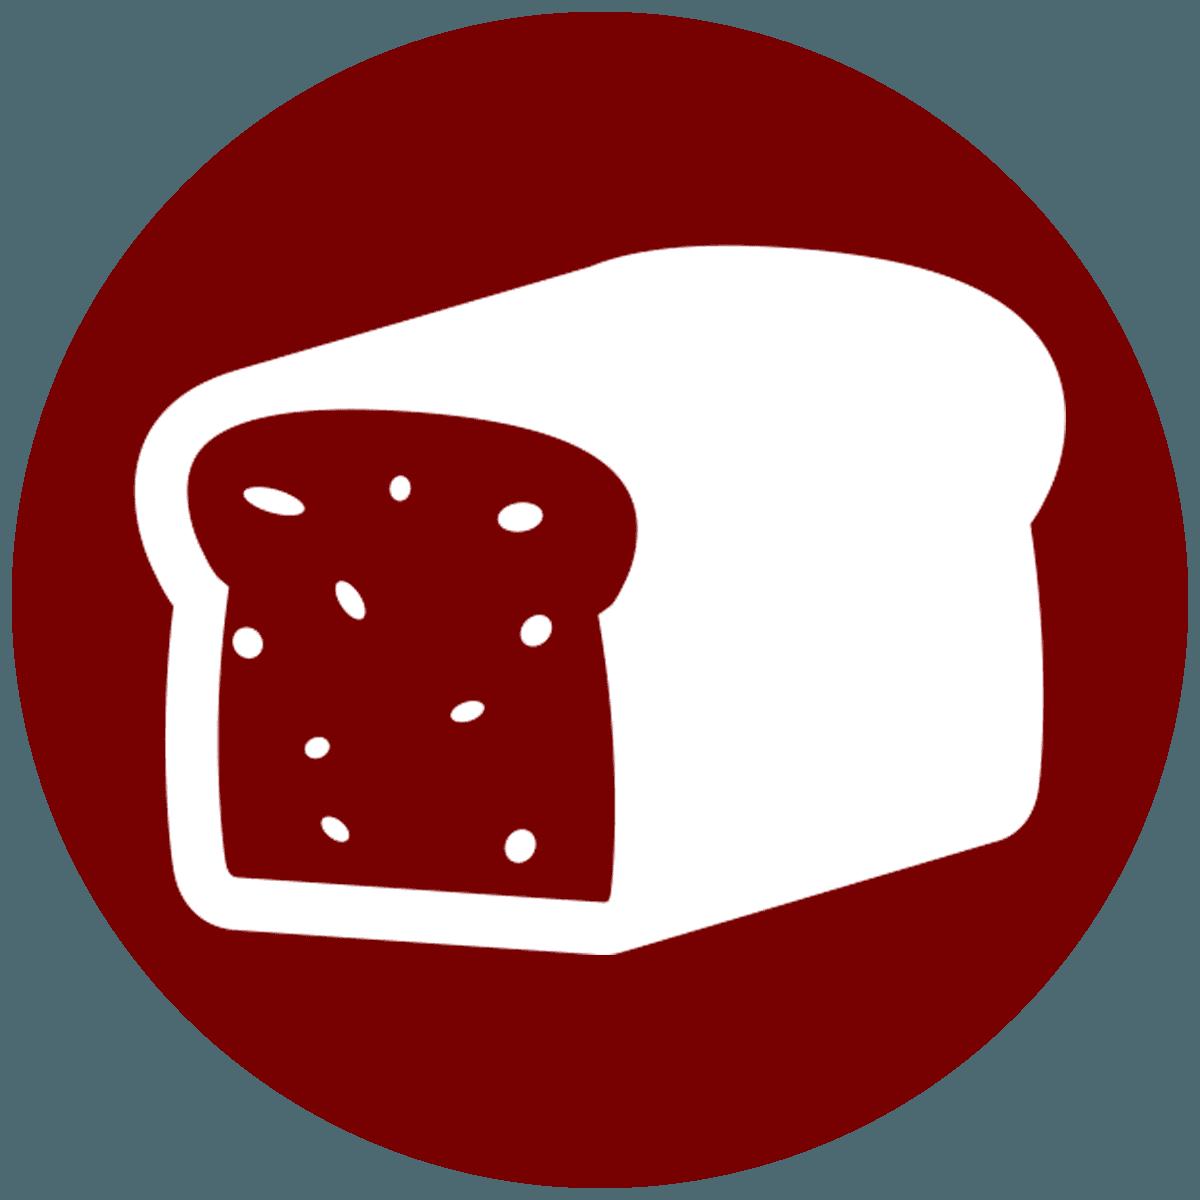 Brot icon